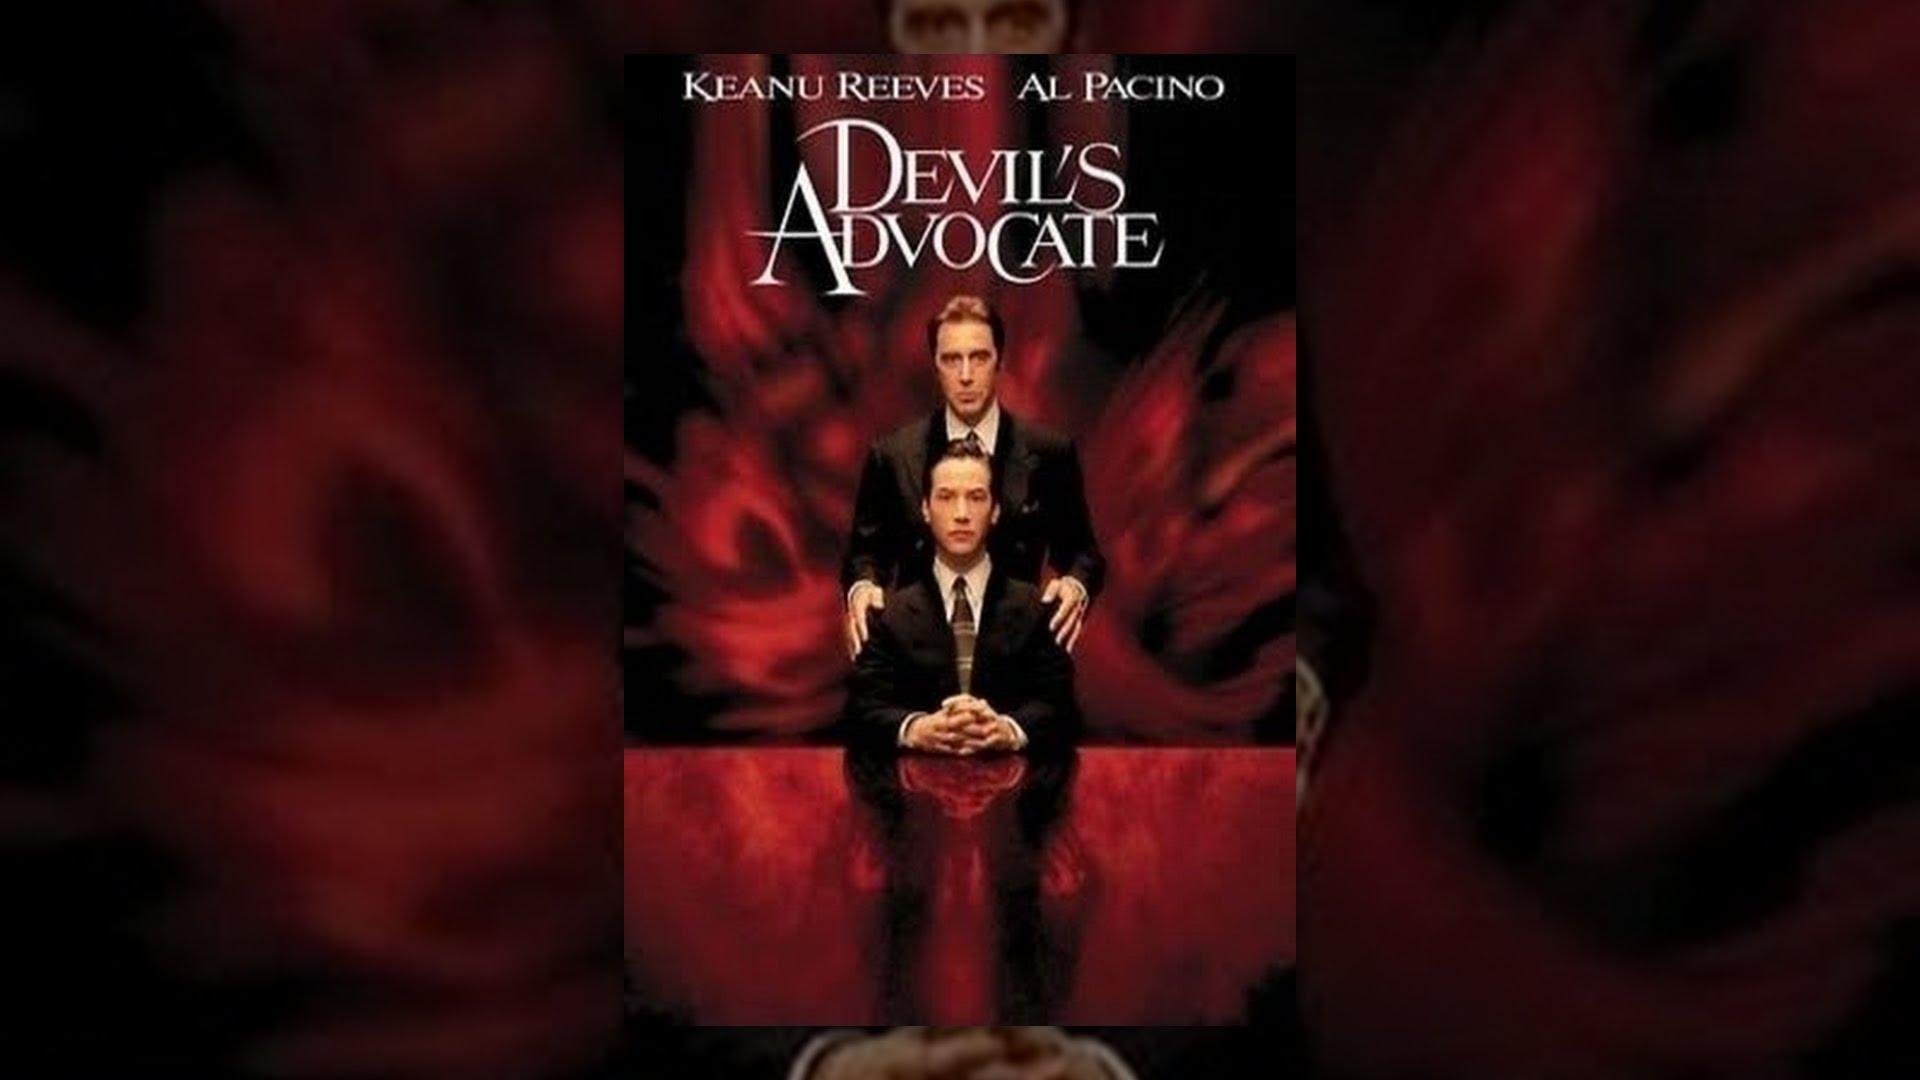 Download The Devil's Advocate